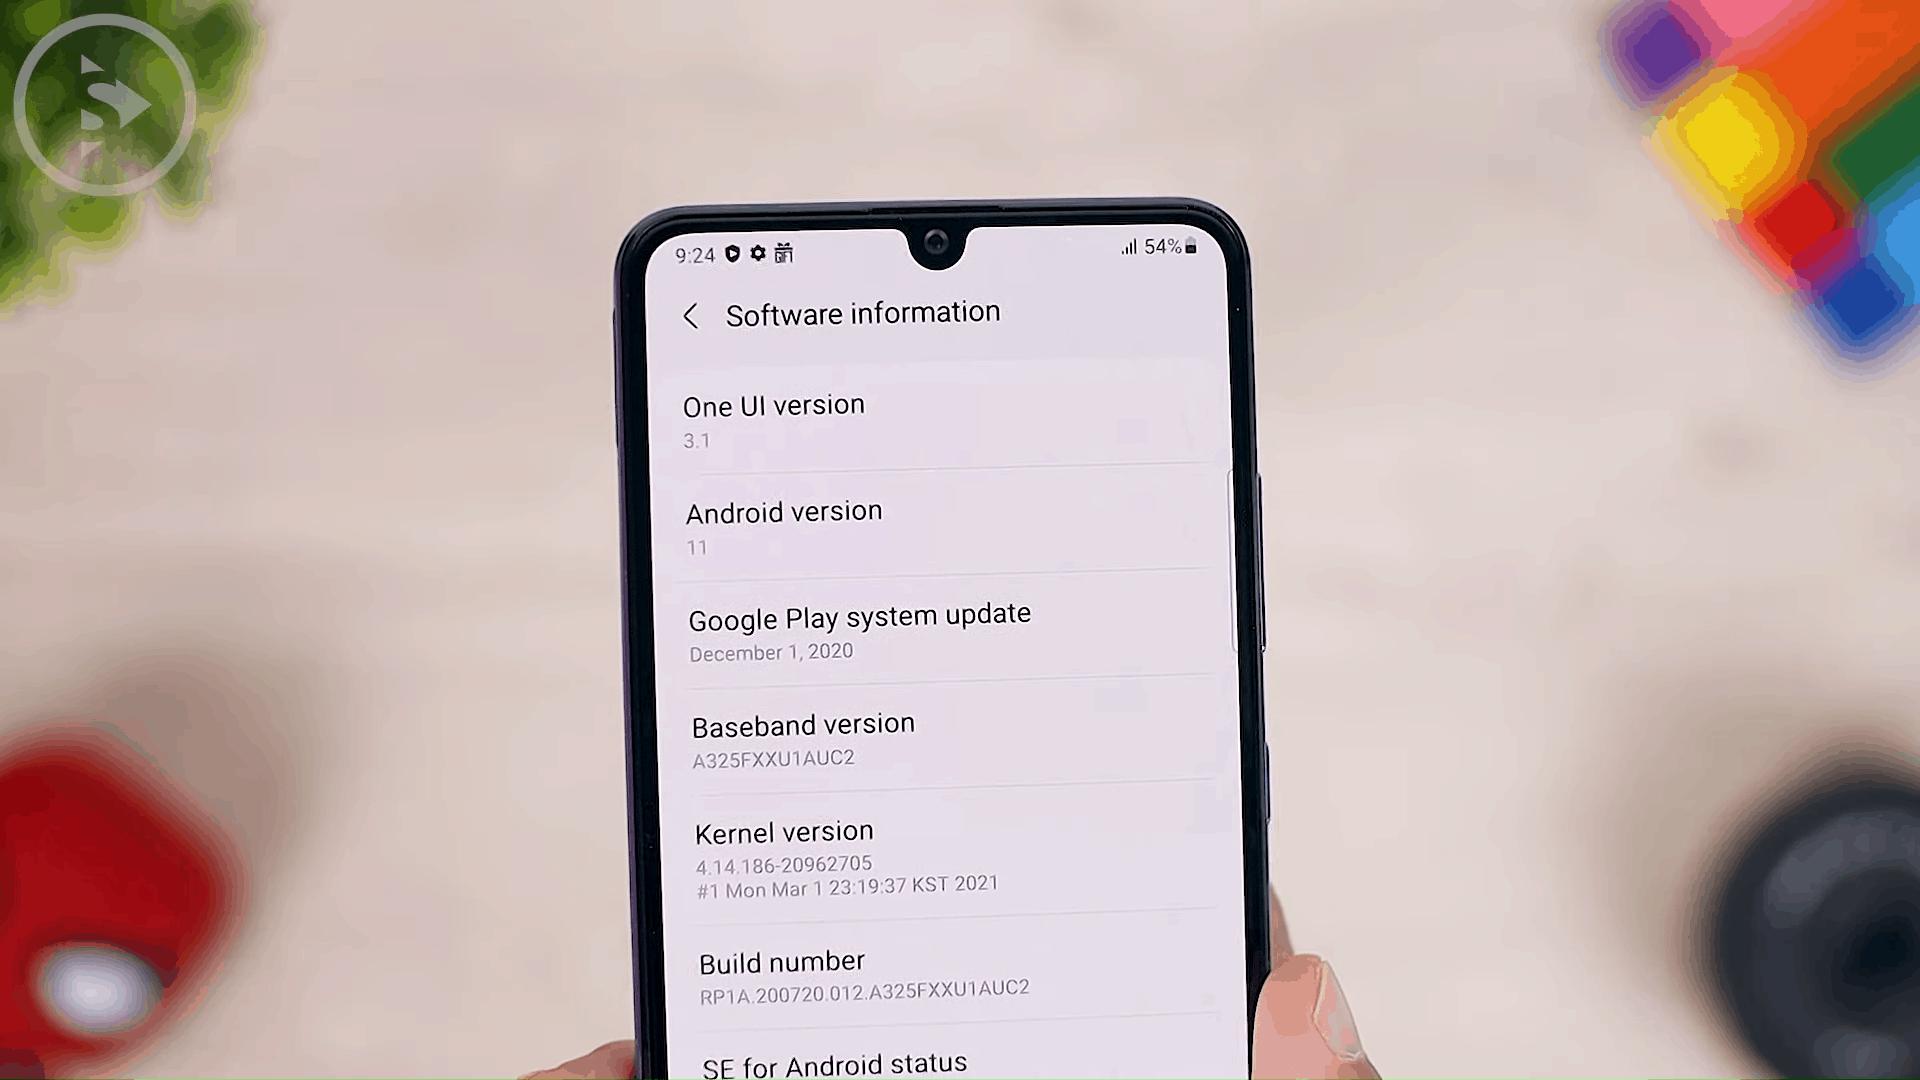 Versi Android dan One UI di Samsung A32 - HP Samsung Layar AMOLED 90Hz, Baterai 5000mAH, Kamera 64MP dan Harga 3 Jutaan